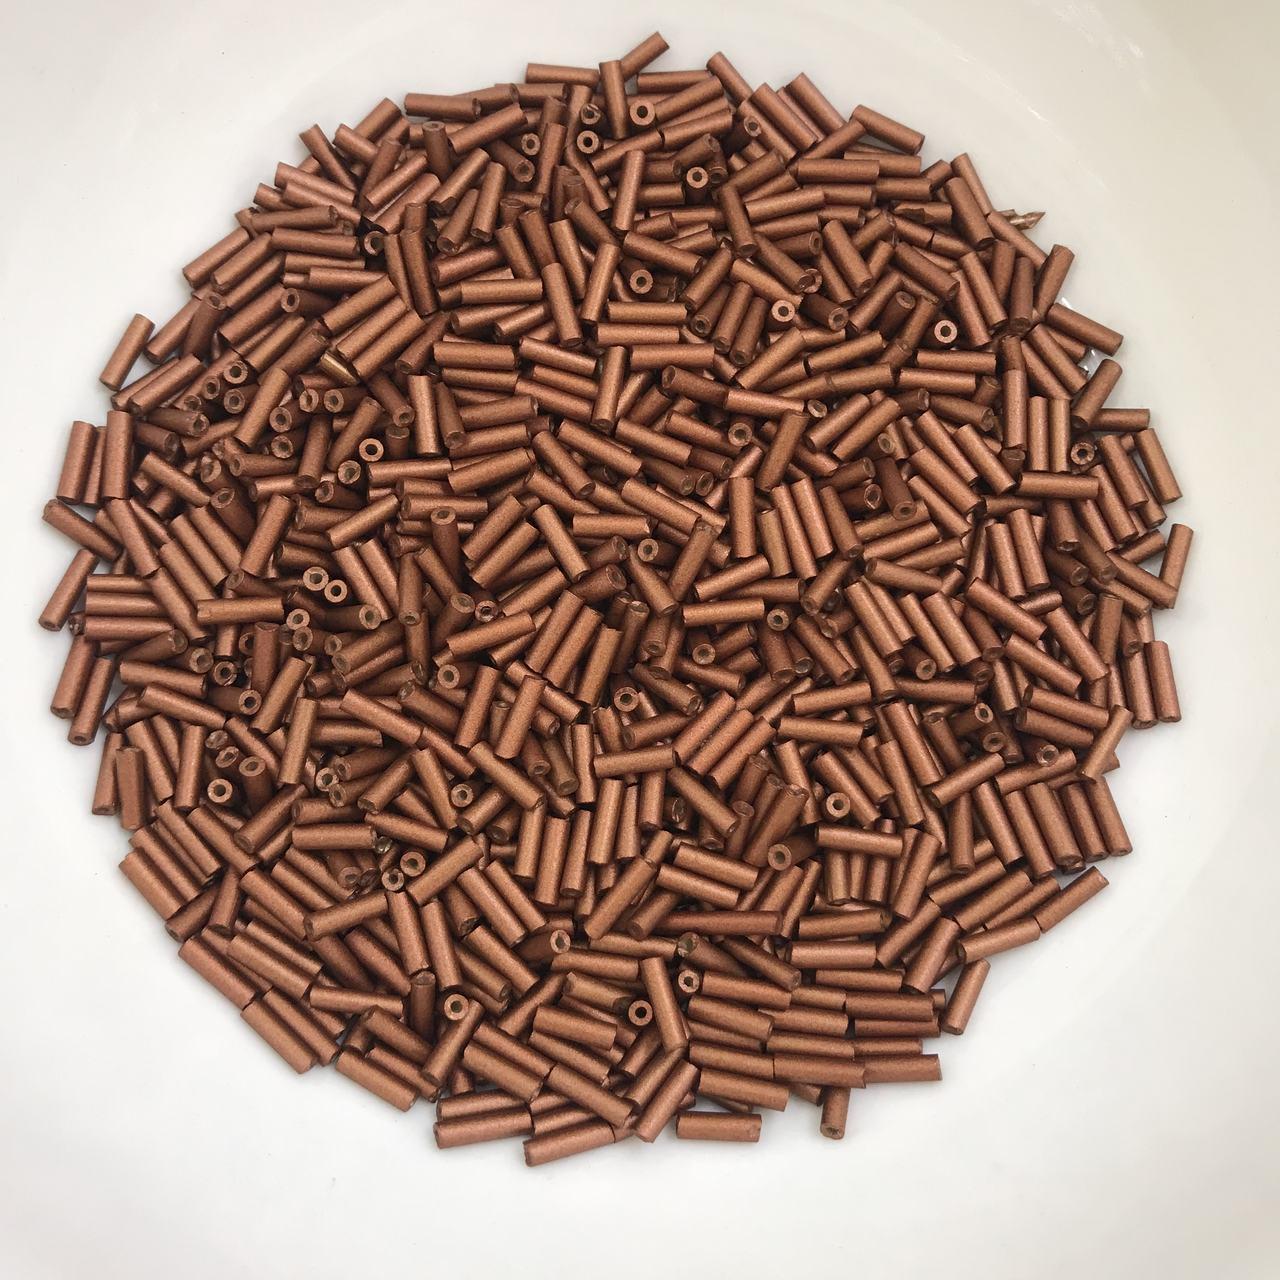 canutilho cobre 6mm com furo para bordados 25 gramas